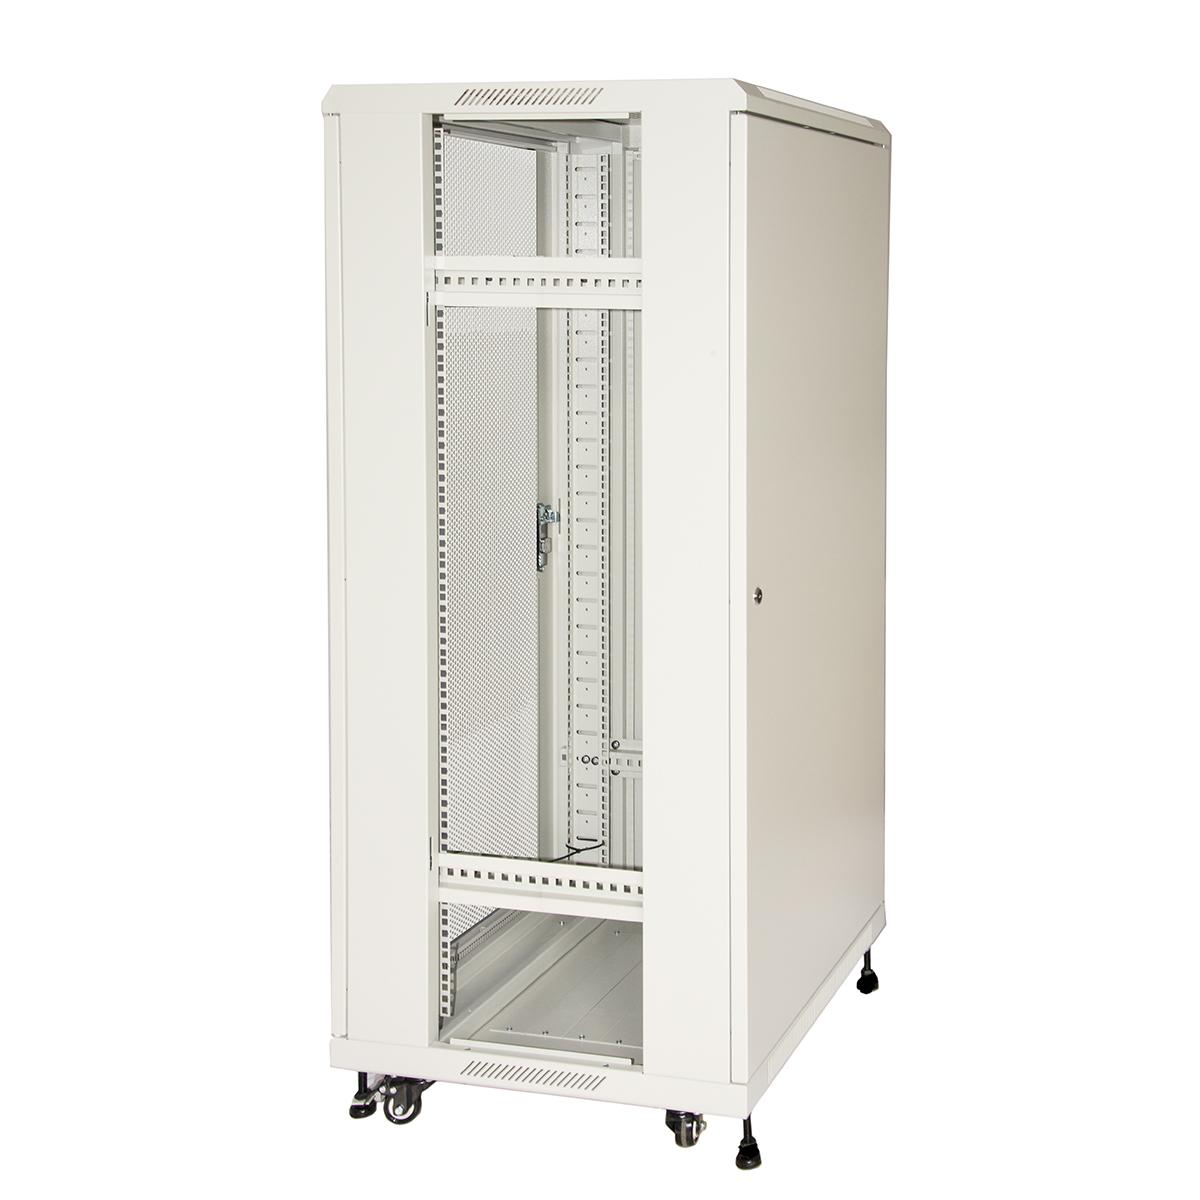 Armadio rack 19″ 27u (a)1388 (l)600 (p)1000 colore grigio porta metallo traforata